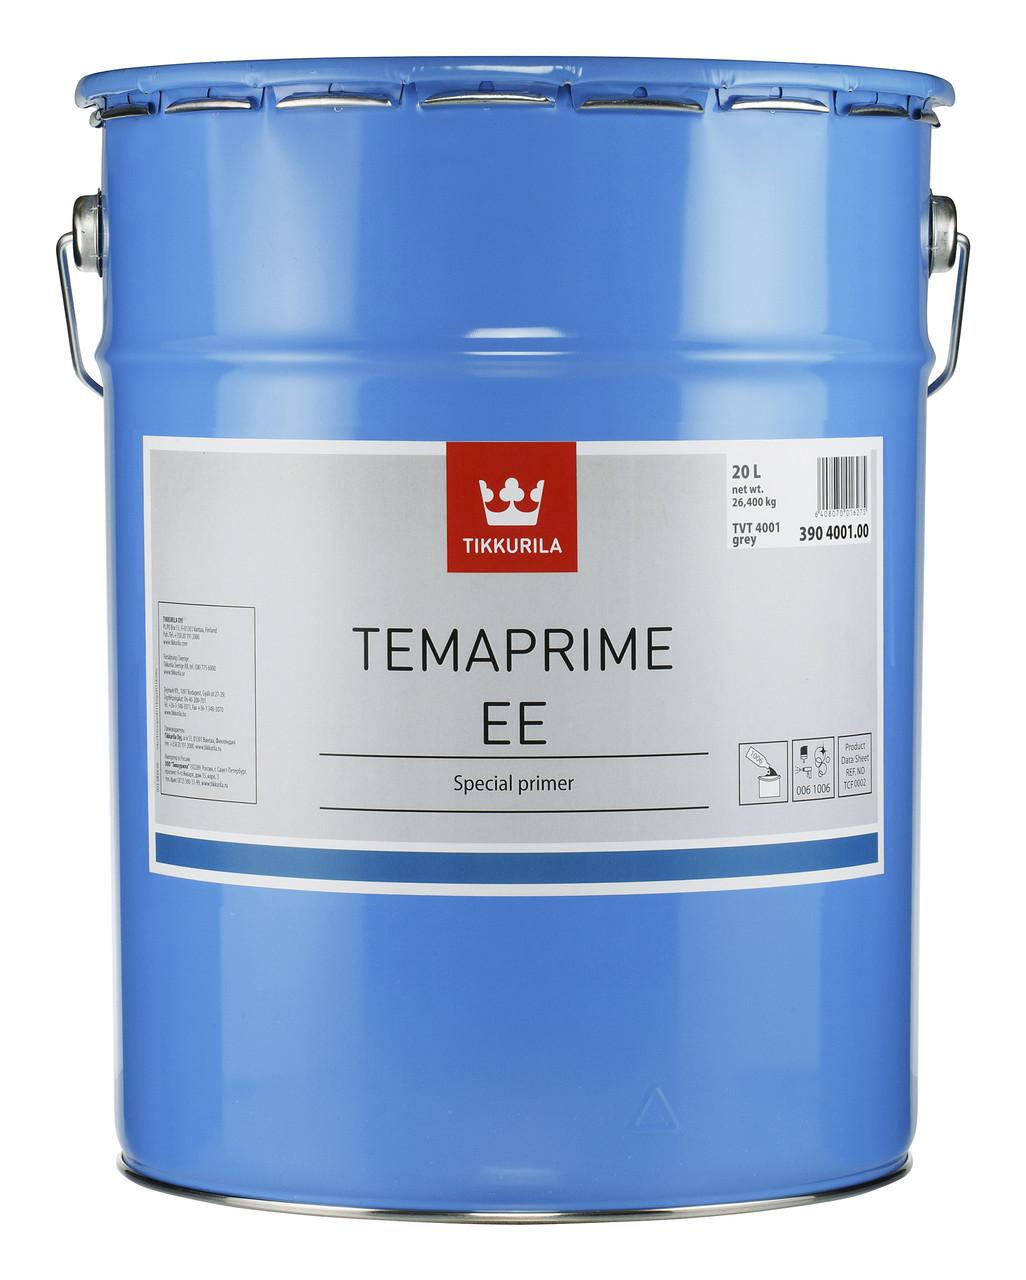 Специальная грунтовка Тиккурила Темапрайм ЕЕ - Temaprime EE